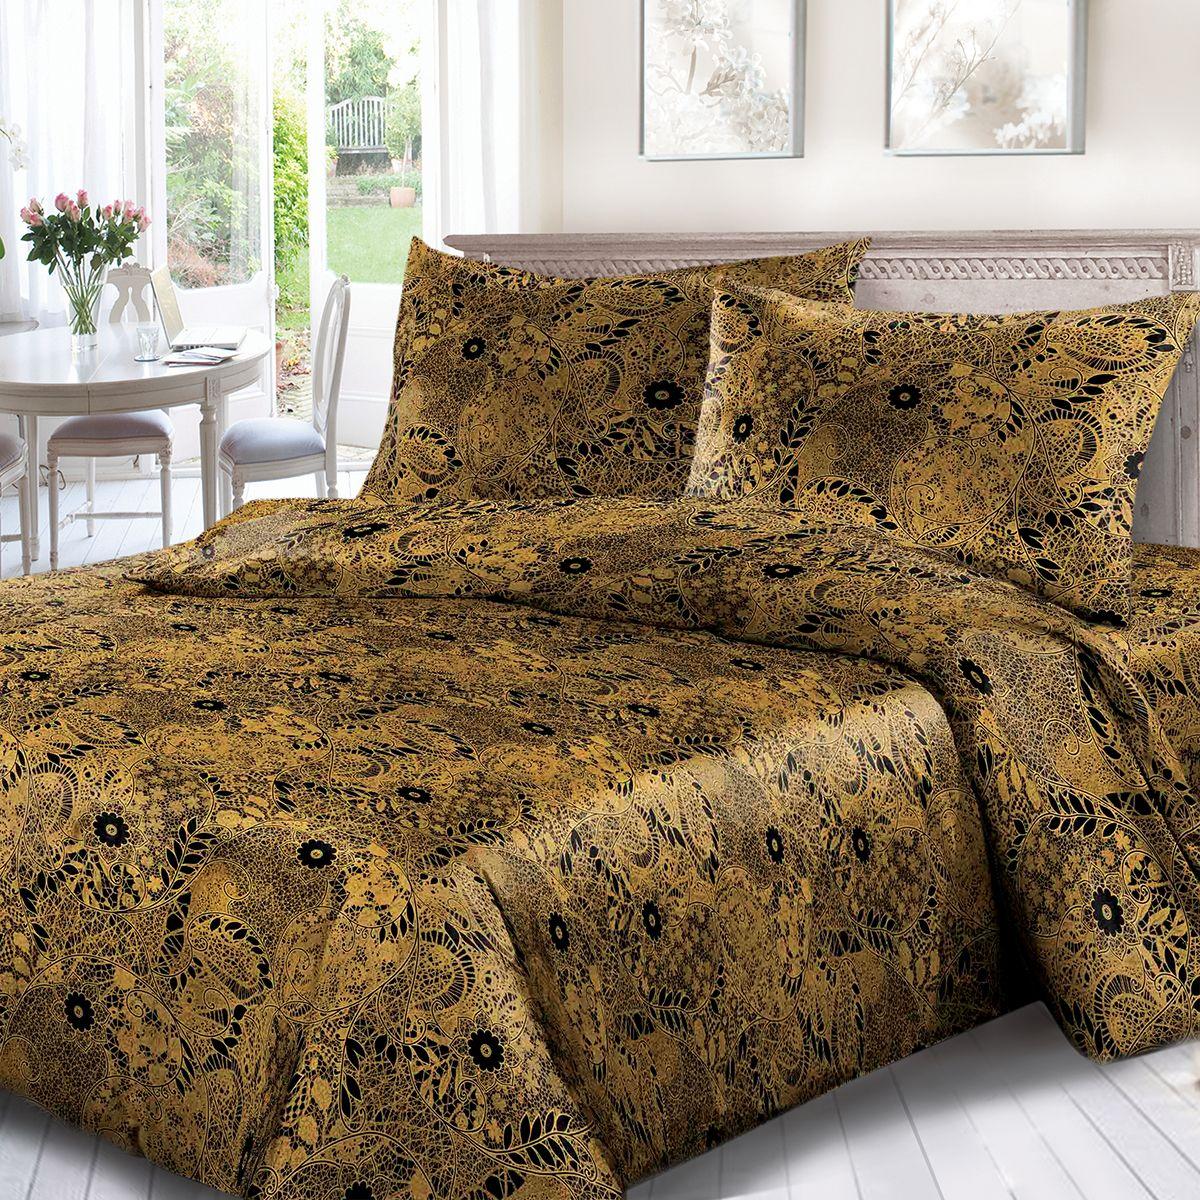 Комплект белья Сорренто Кружево, 2-х спальное, наволочки 70x70, цвет: коричневый. 1698-189087